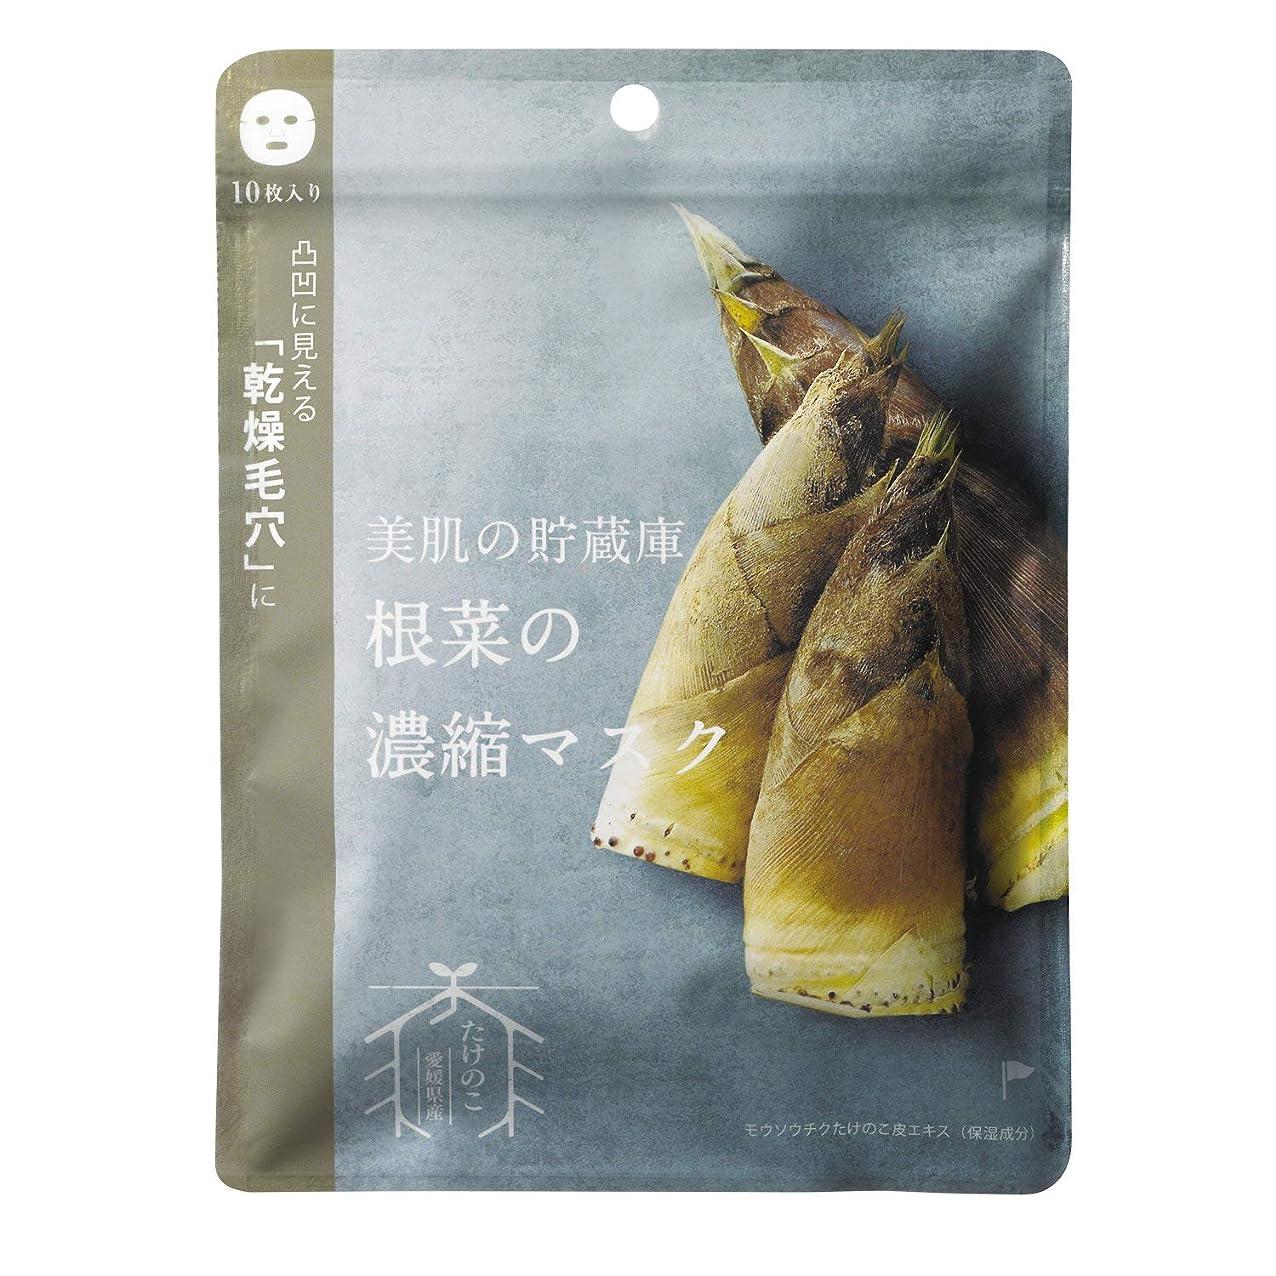 ガウン気絶させる反対した@cosme nippon 美肌の貯蔵庫 根菜の濃縮マスク 孟宗竹たけのこ 10枚 160ml